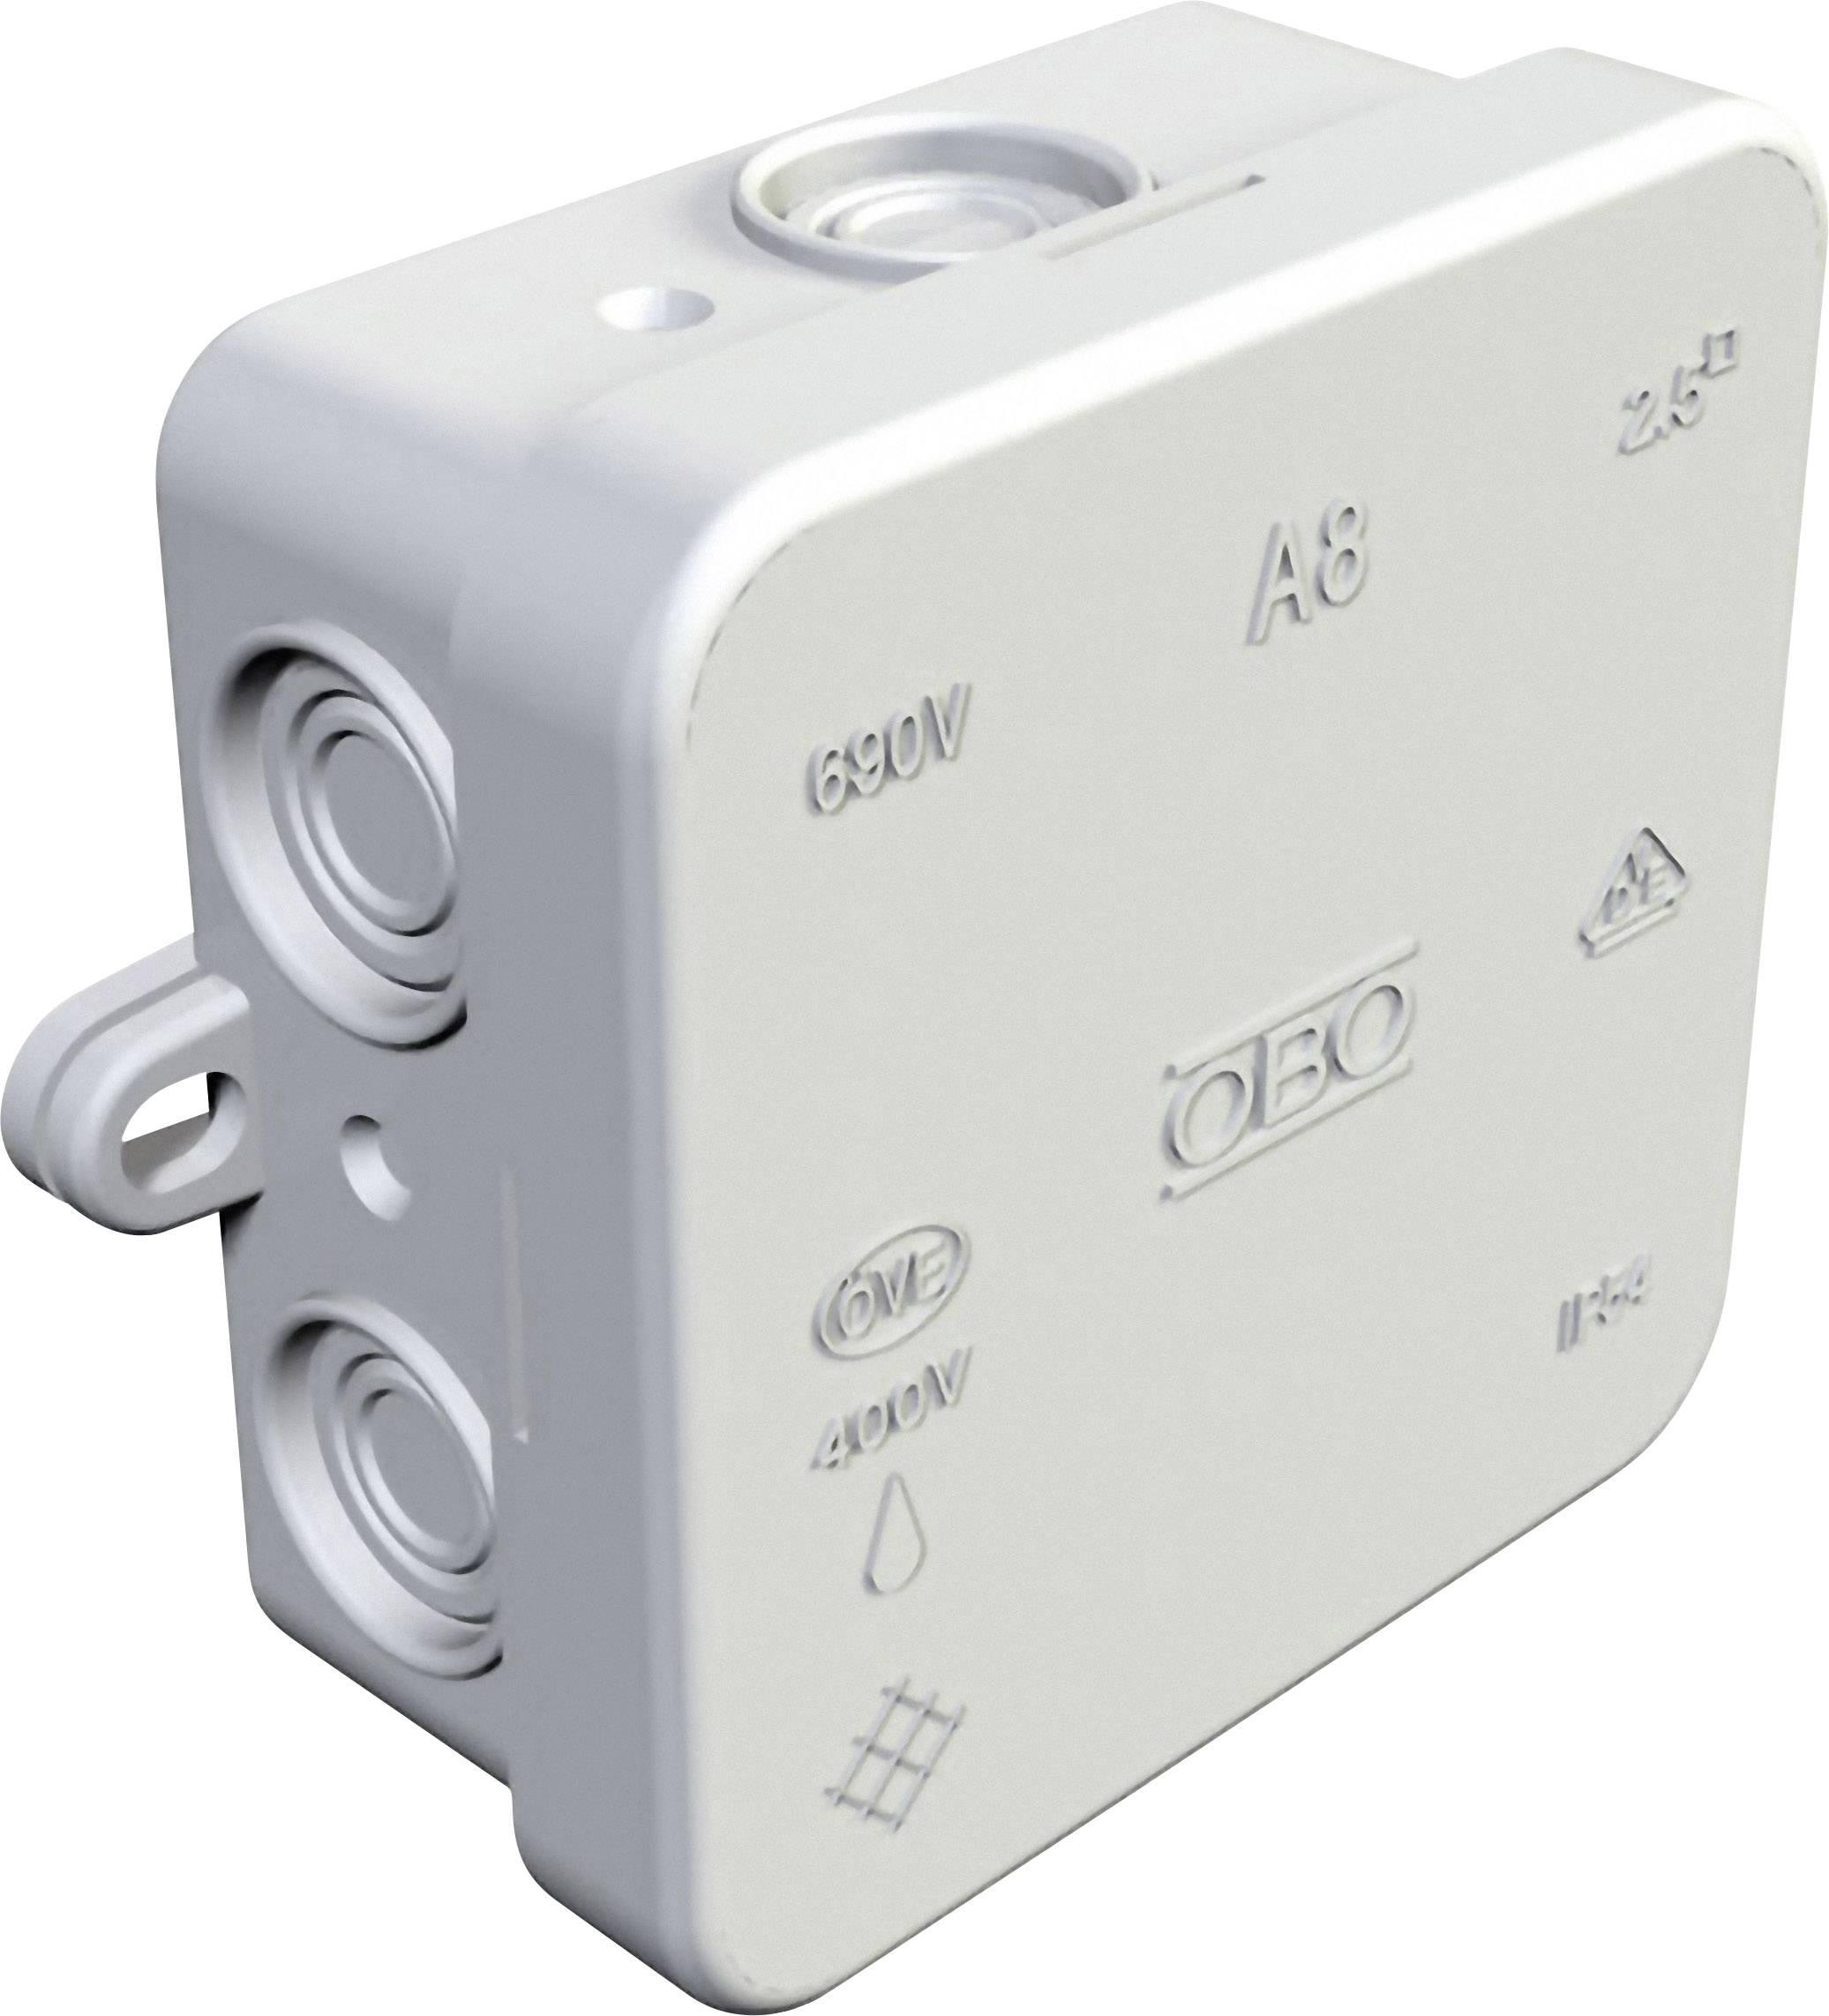 Rozbočovací krabice pro povrchovou montáž na omítku, do vlhkého prostředí OBO Bettermann 352800000, (d x š x v) 80 x 80 x 36 mm, IP54, světle šedá